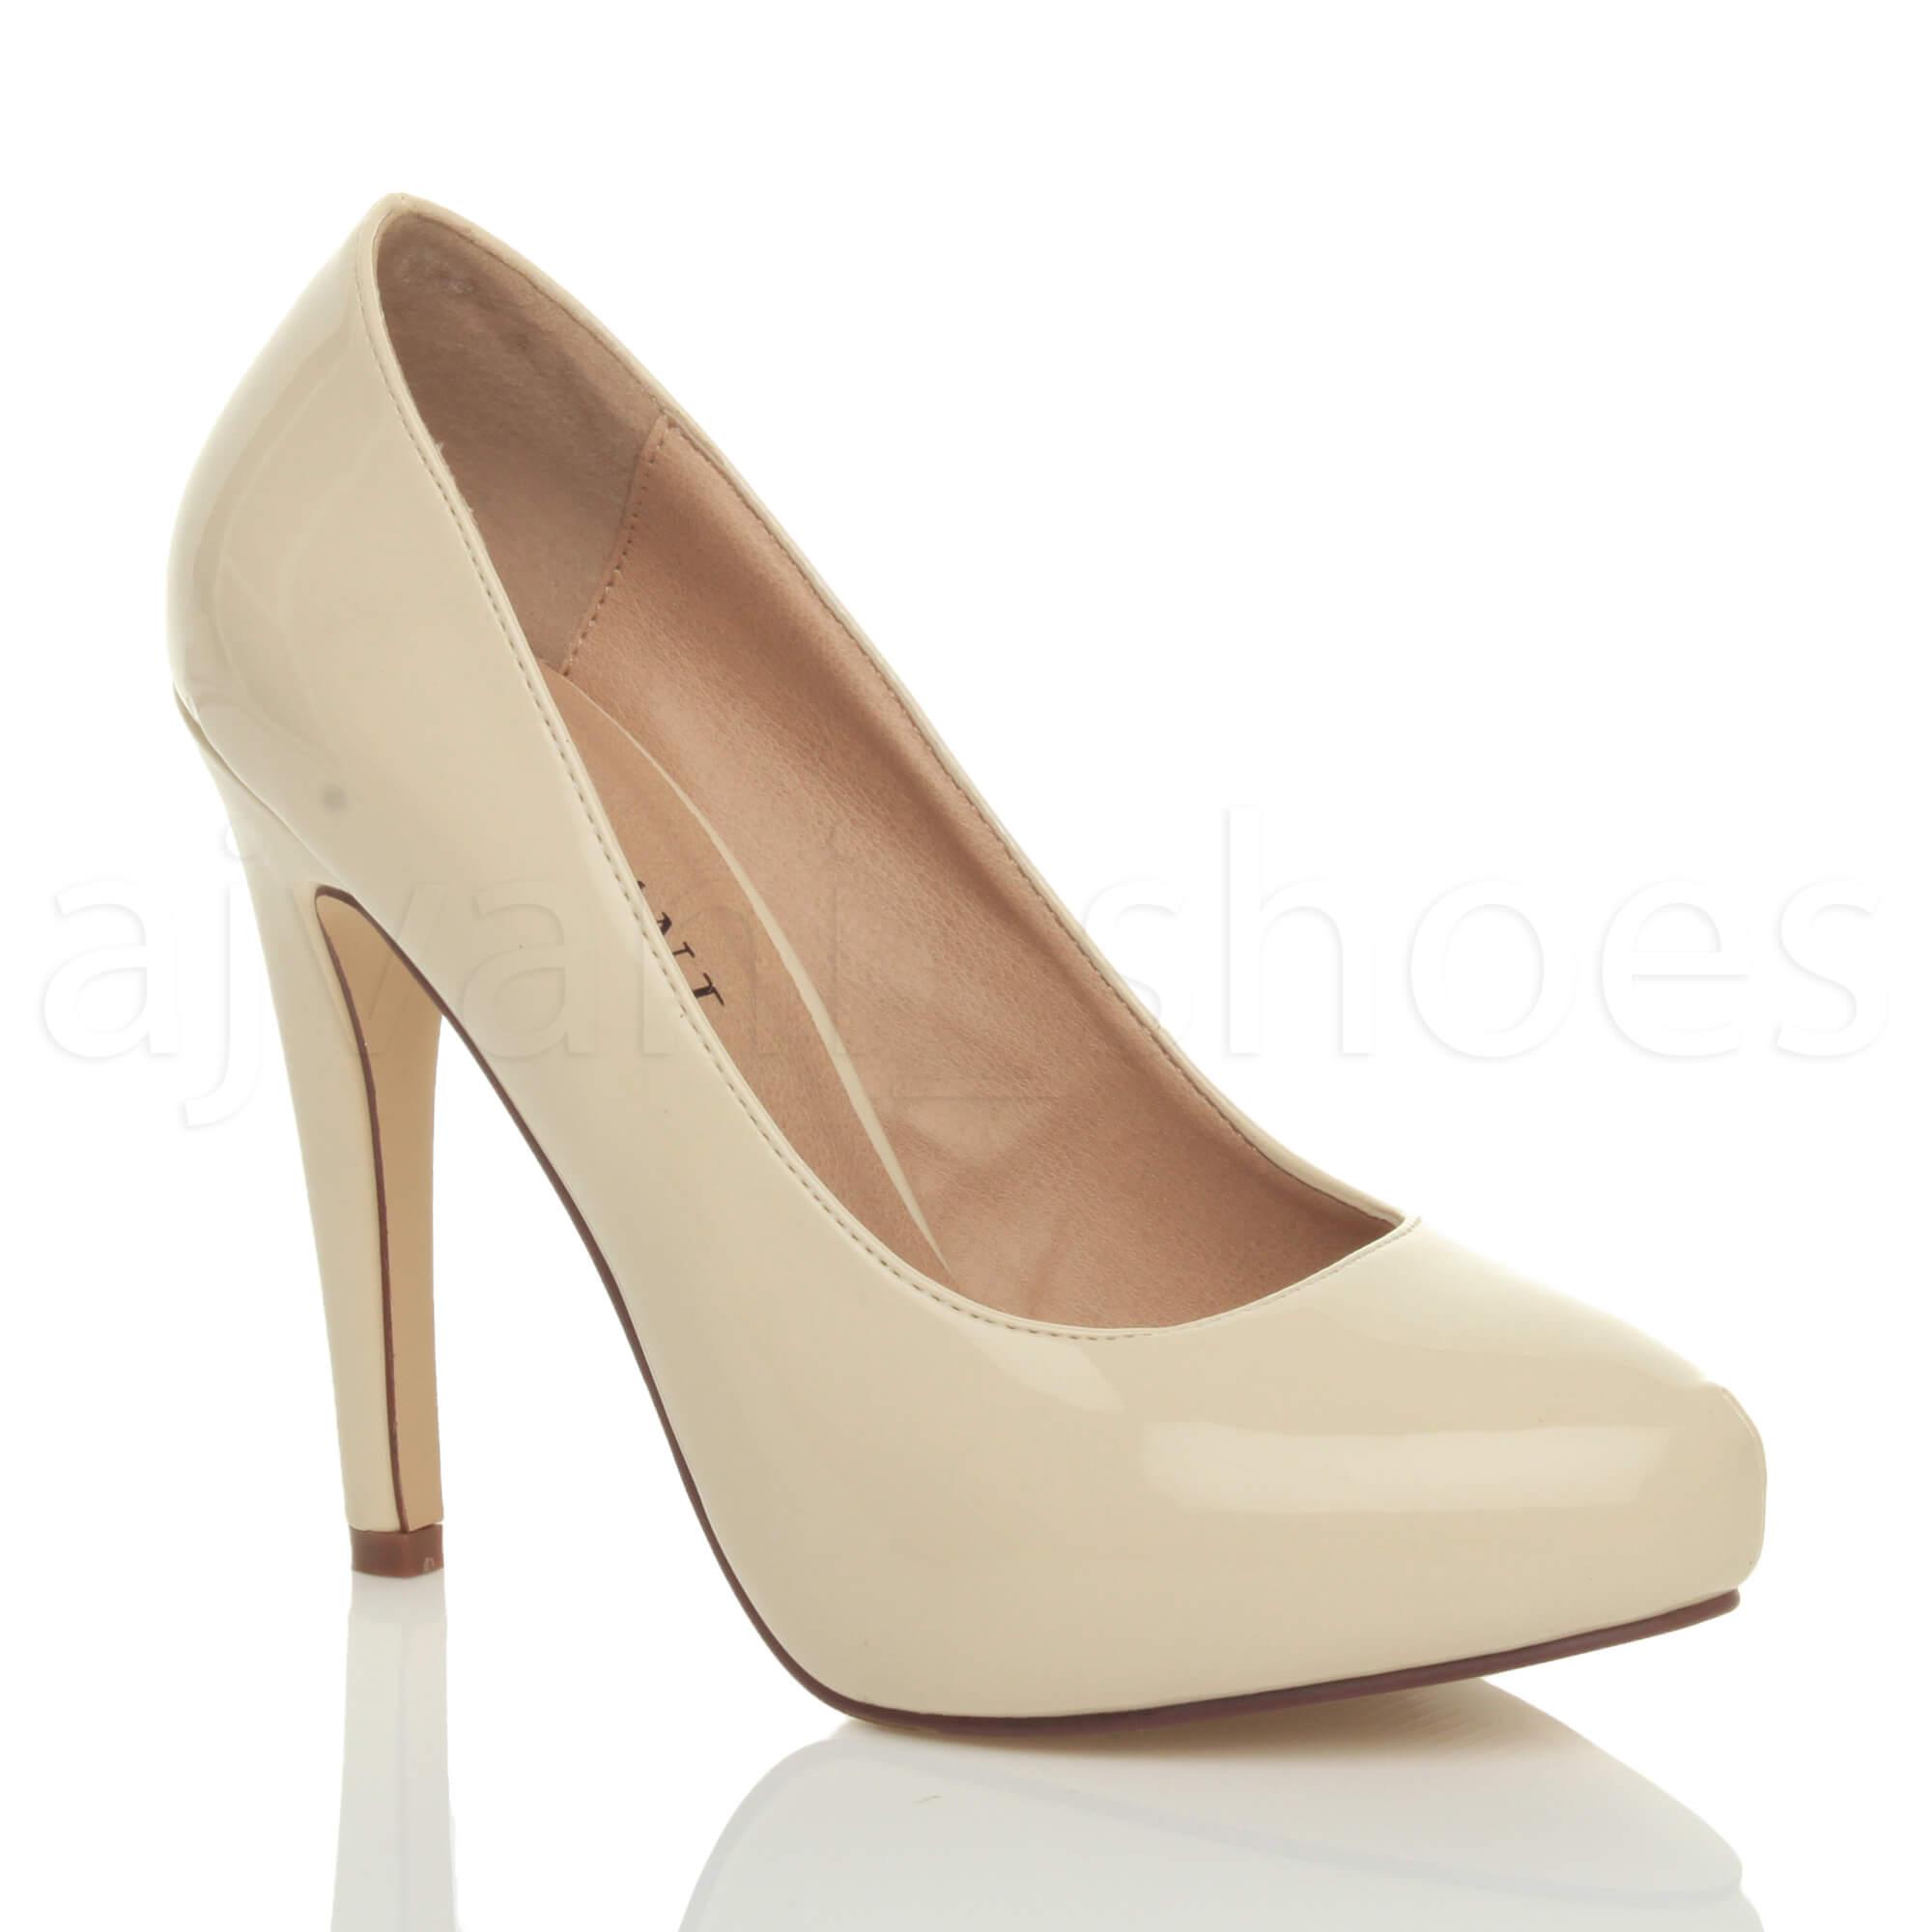 Pour Chaussures Cachées Femmes Talon Fête Haut Formes Prom Plate wcq7pRPA